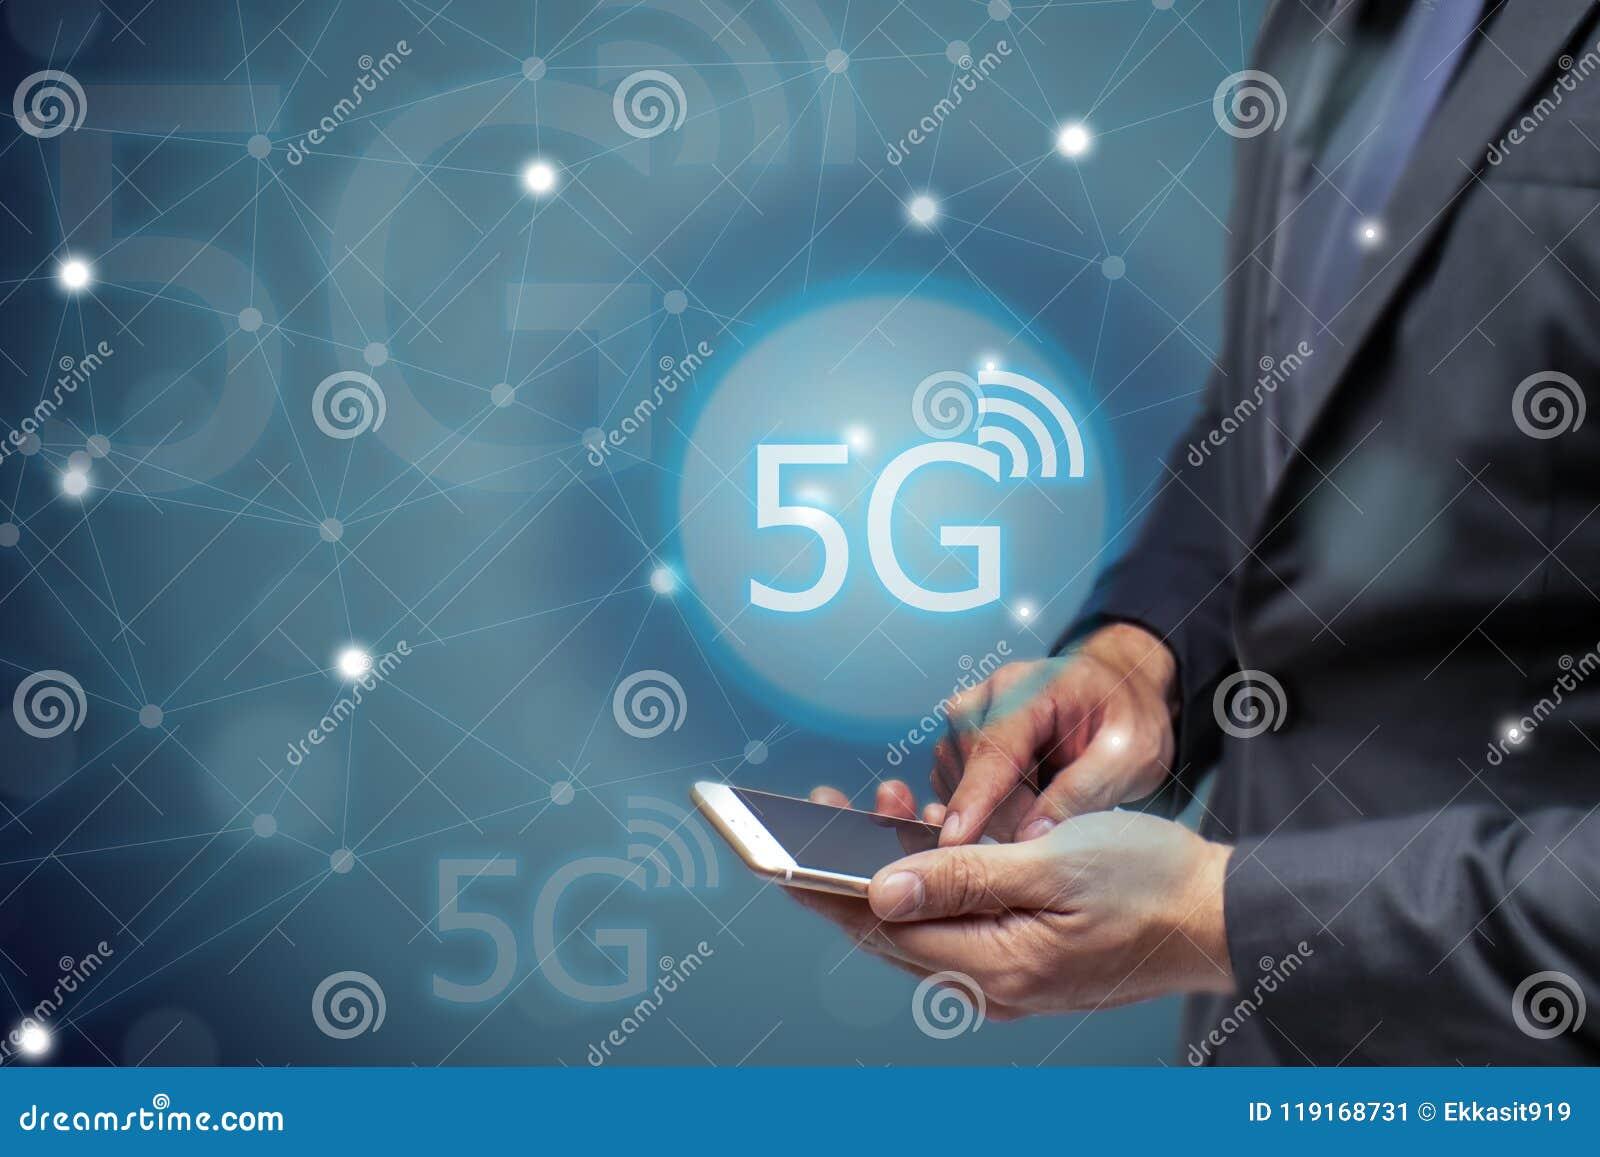 Επιχειρησιακό άτομο που χρησιμοποιεί το κινητό τηλέφωνο με 5g τη ασύρματη τεχνολογία δικτύων για να συνδέσει κάθε επικοινωνία, io